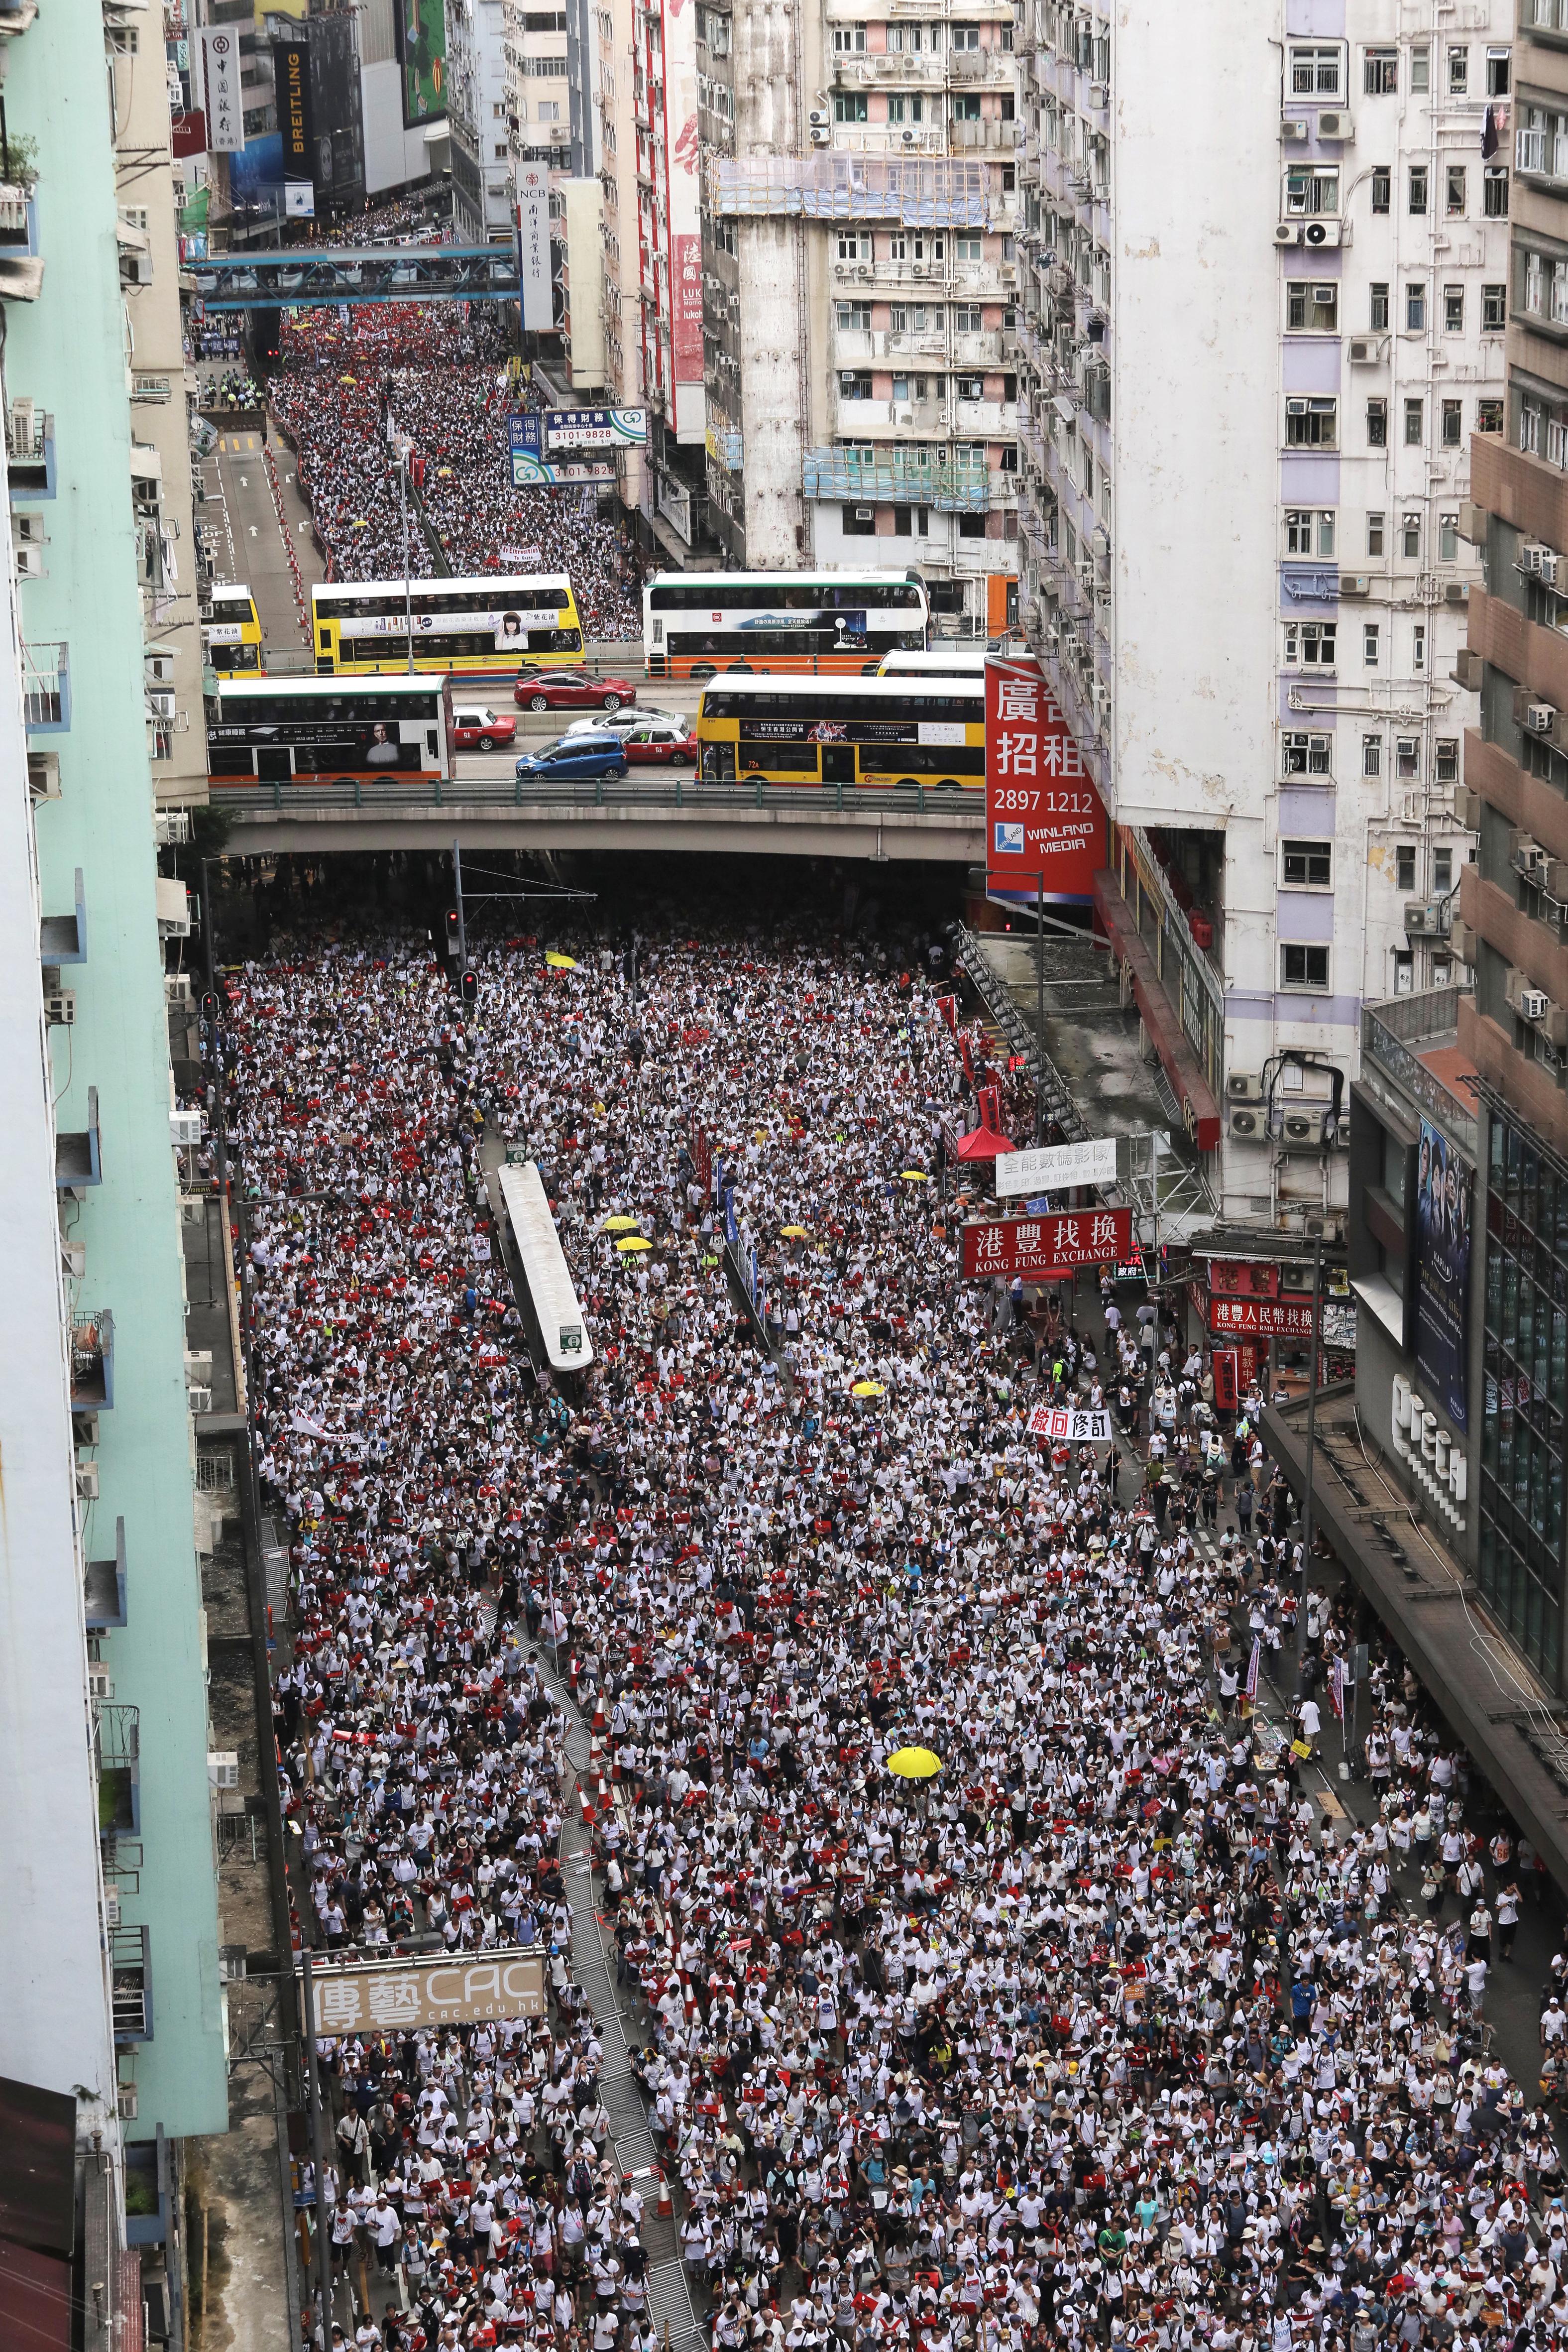 20190911 hong kong protest 0609.jpg